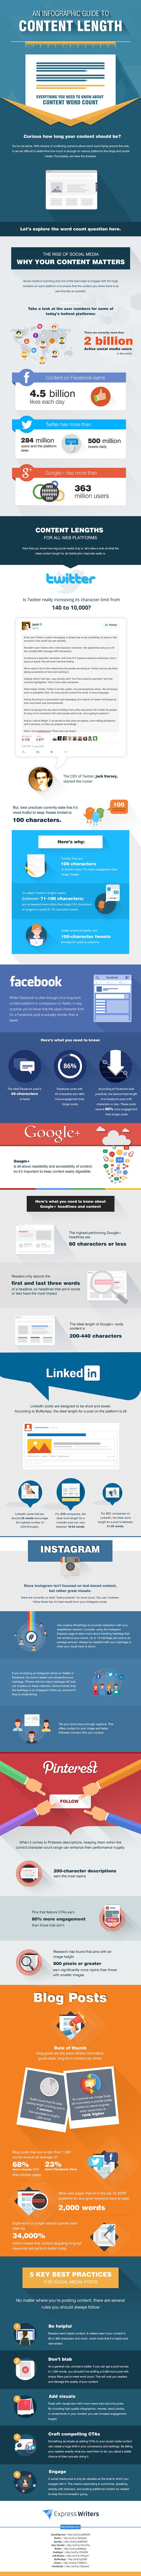 Lunghezza giusta dei post_Infografica